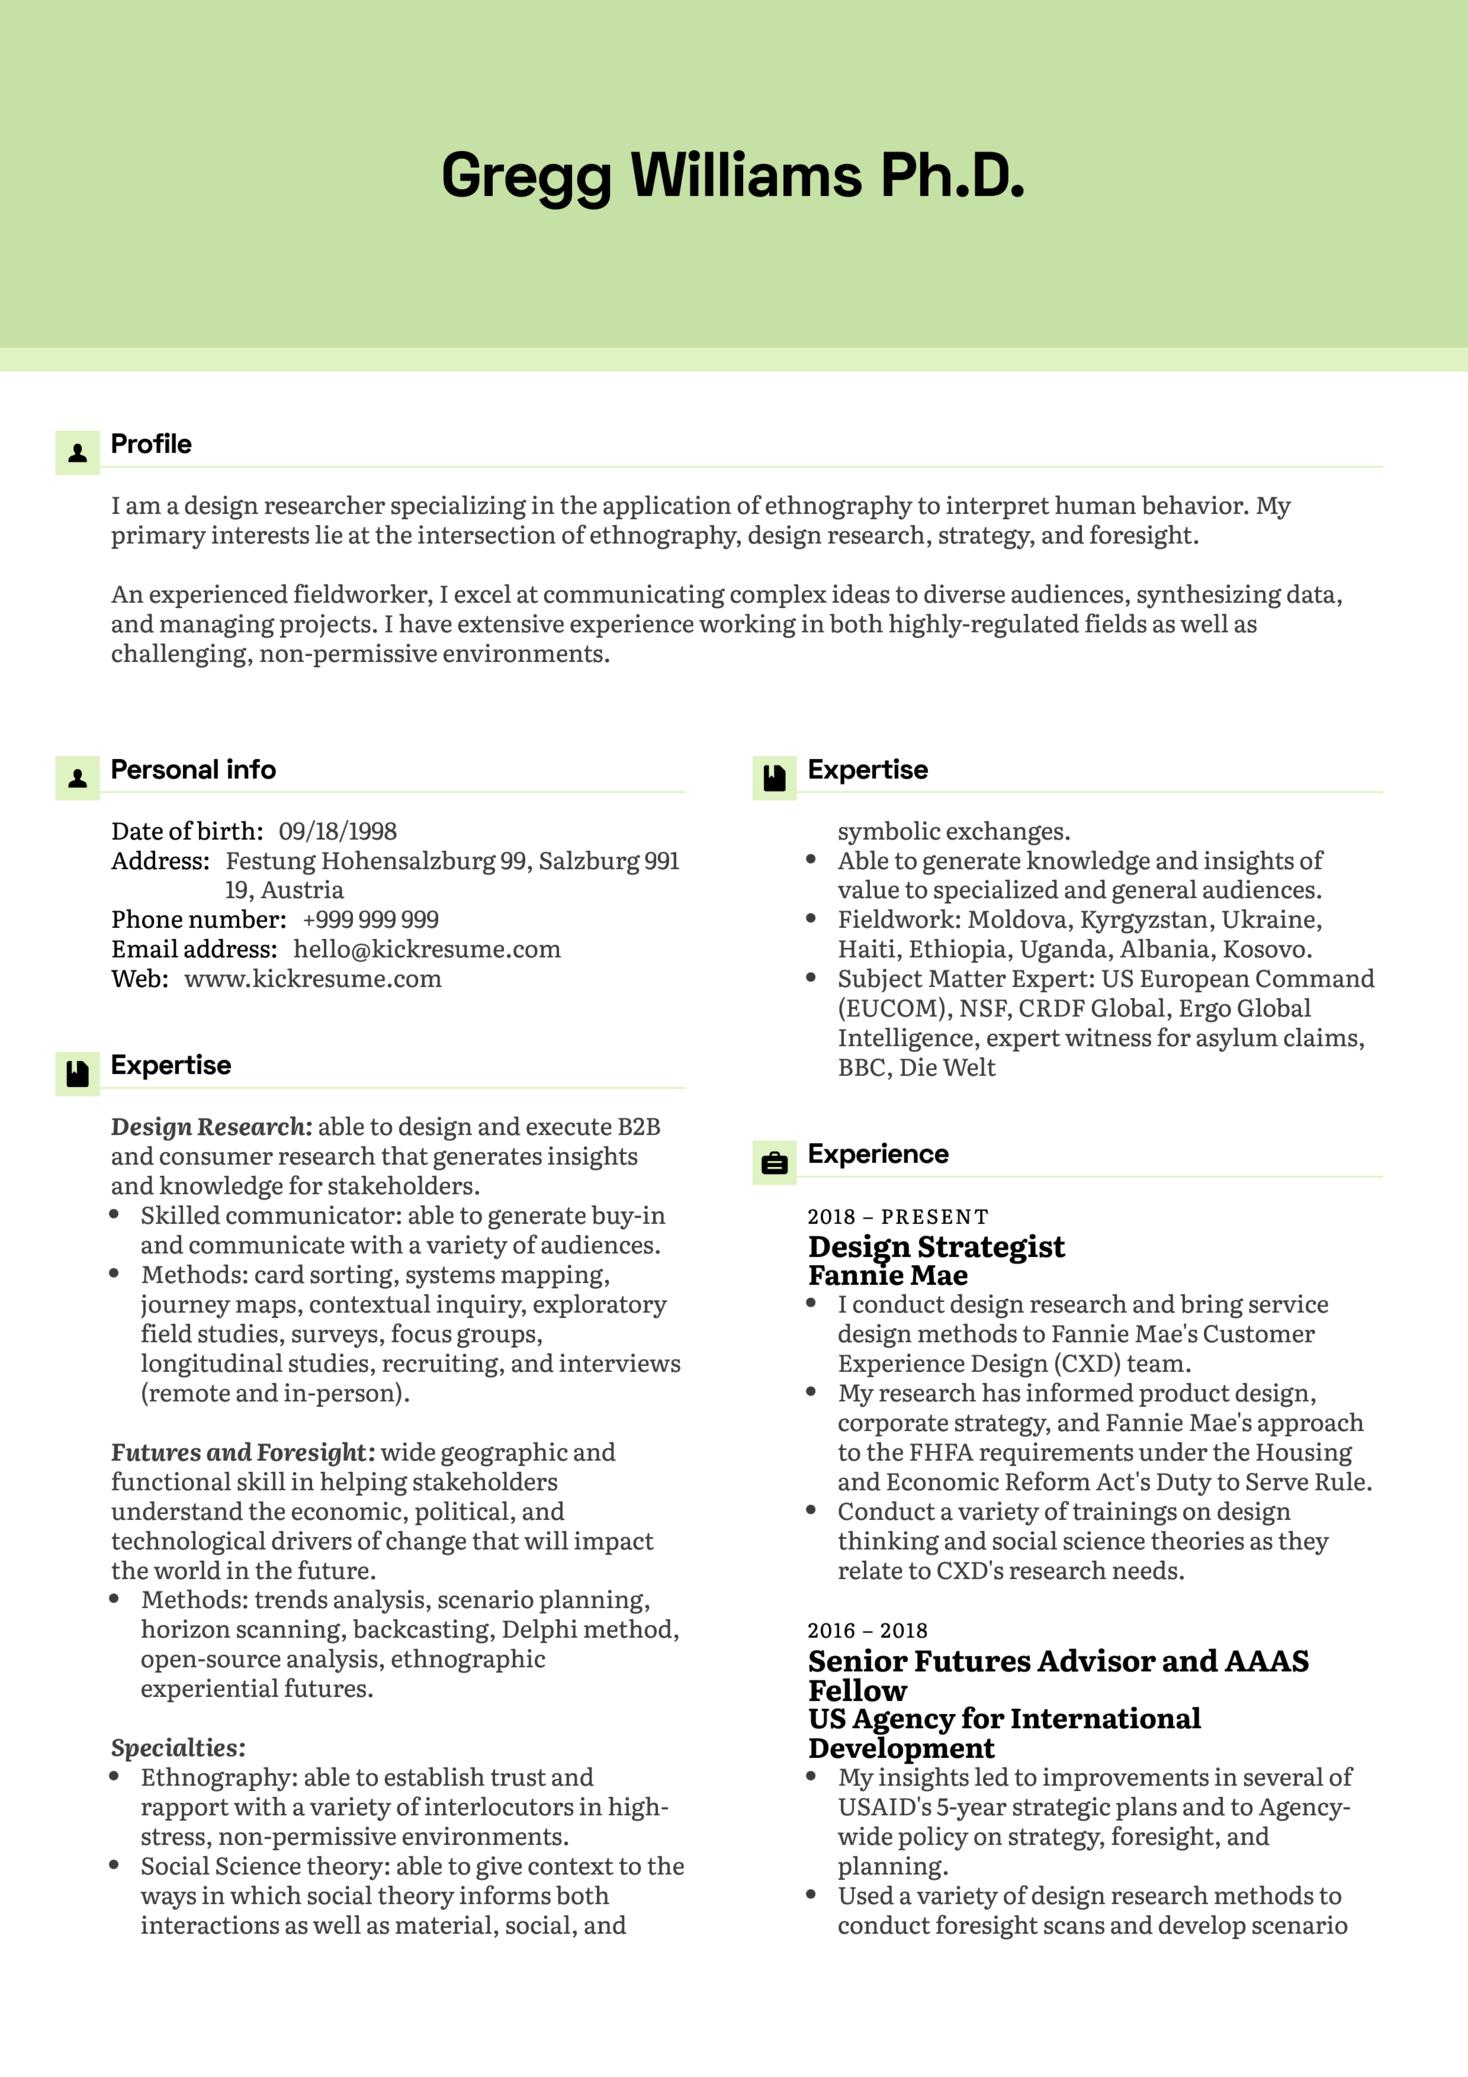 Design Strategist Resume Example (Part 1)